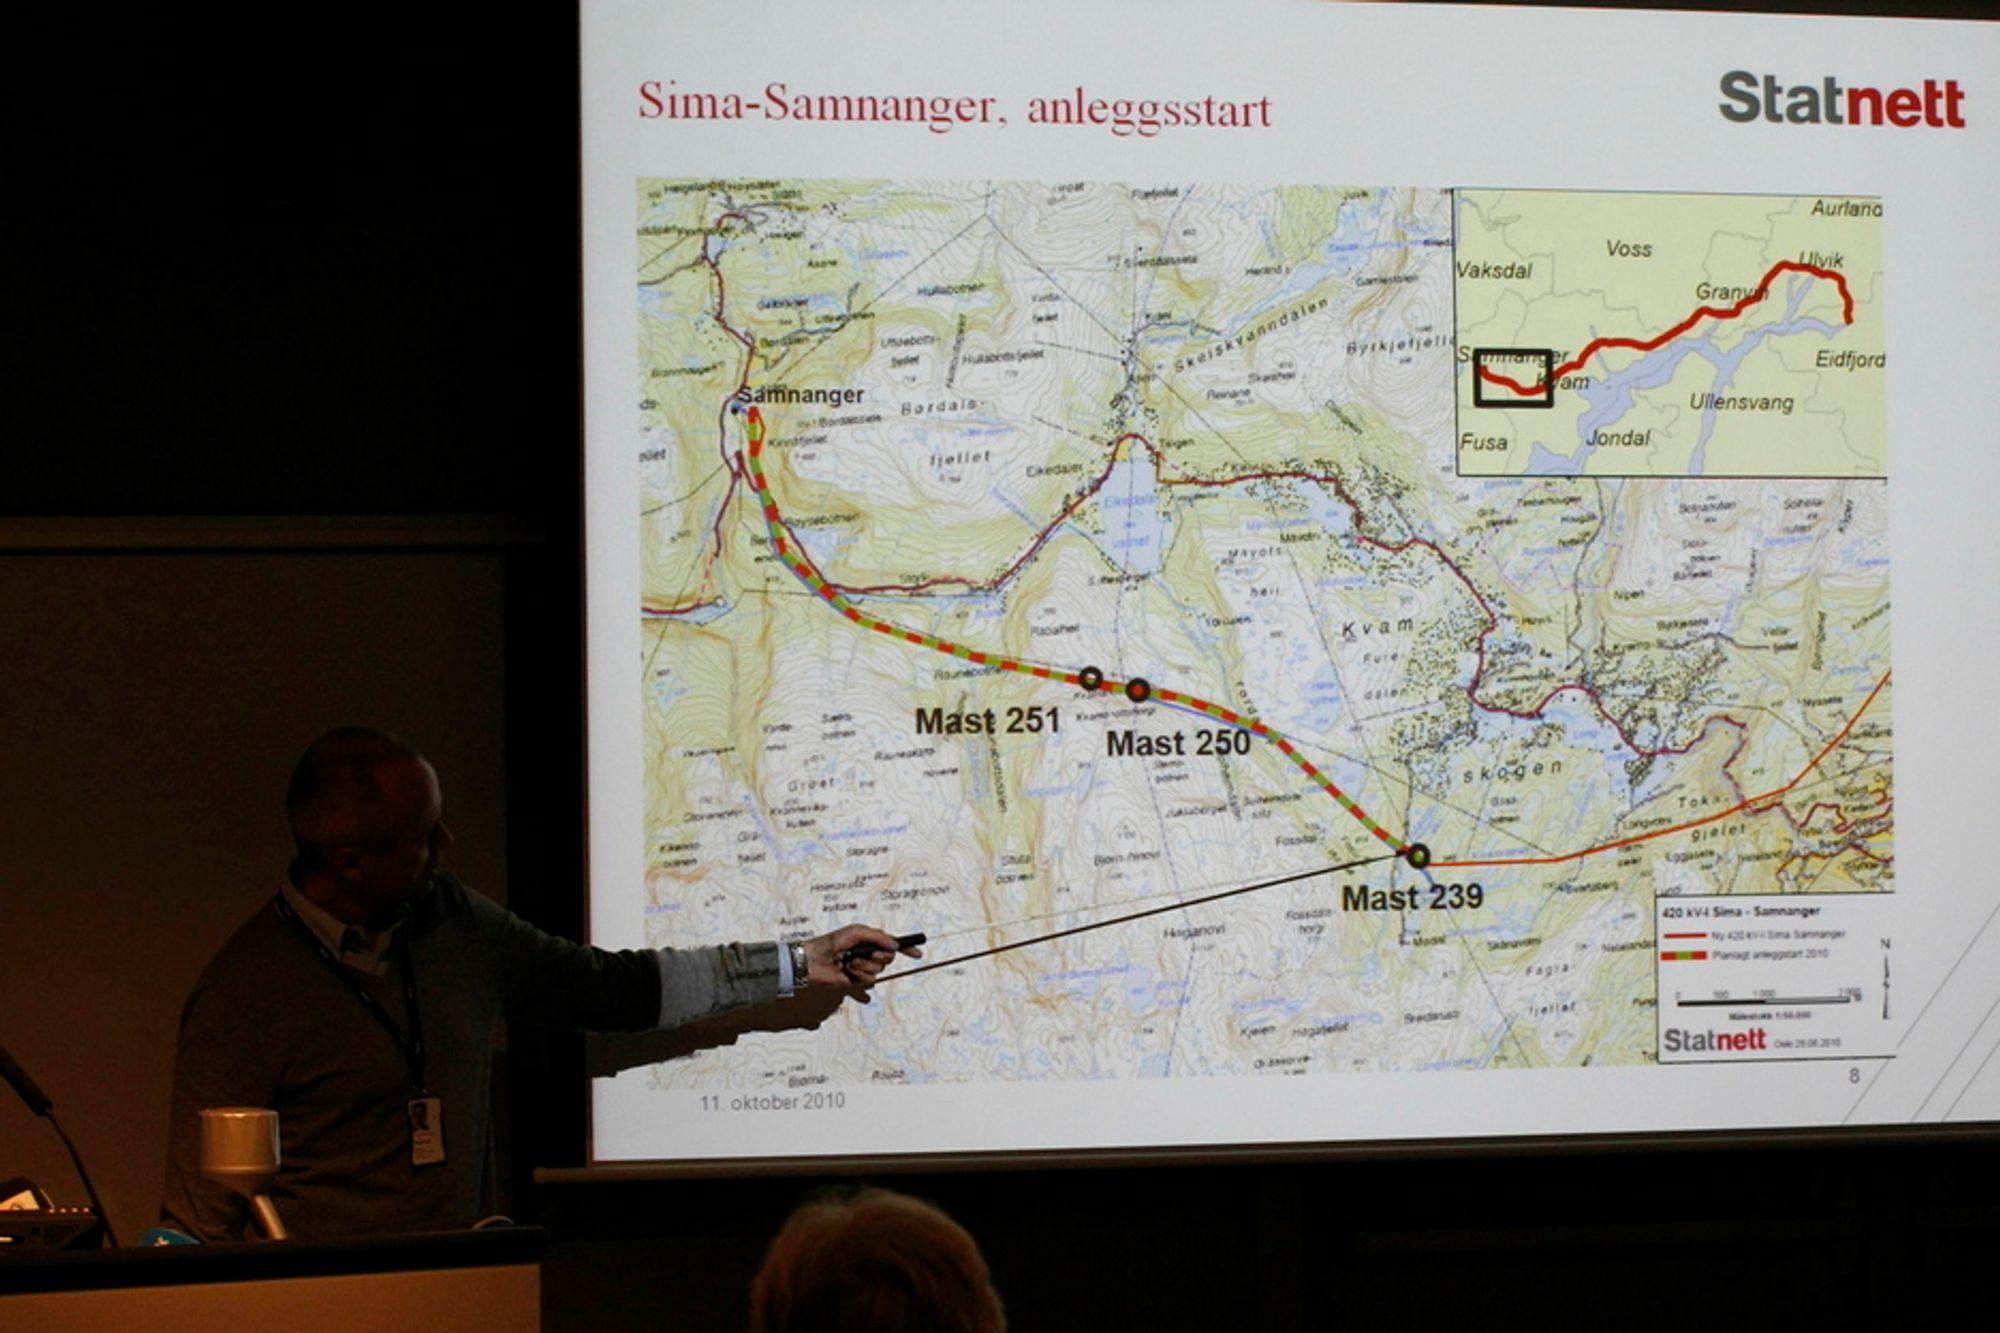 INFORMERTE: På en pressekonferanse mandag opplyste Statnetts kommunikasjonsdirektør Tor Inge Akselsen om byggestarten for kraftledningen fra Sima til Samnanger.